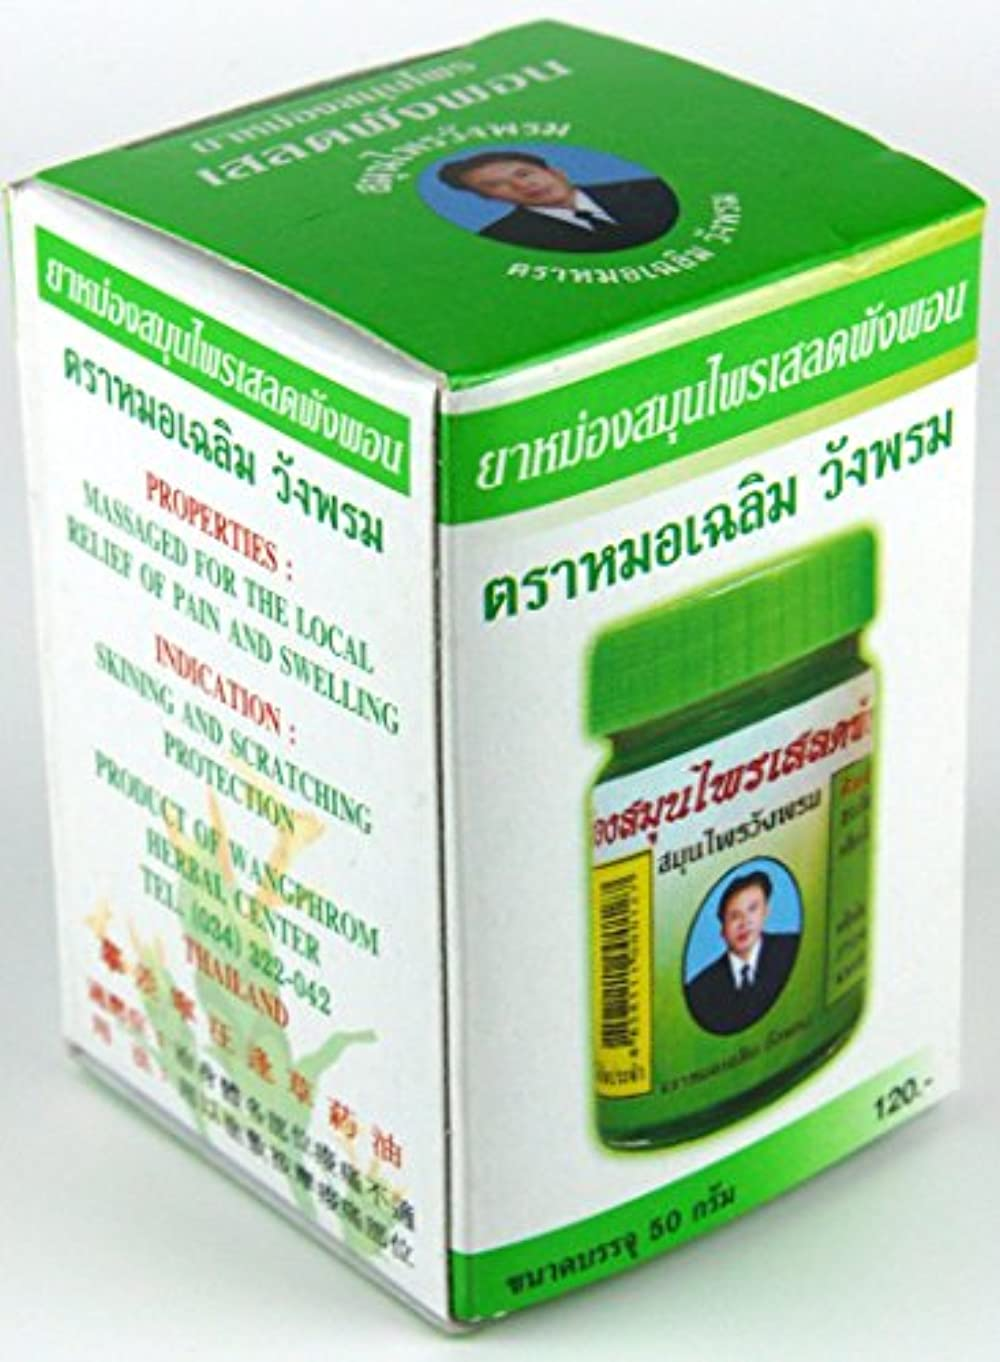 主要な外国人クレーターマッサージバーム タイの緑色の軟膏 スースーする軟膏 おじさんの顔の軟膏 中瓶 内容量50ml